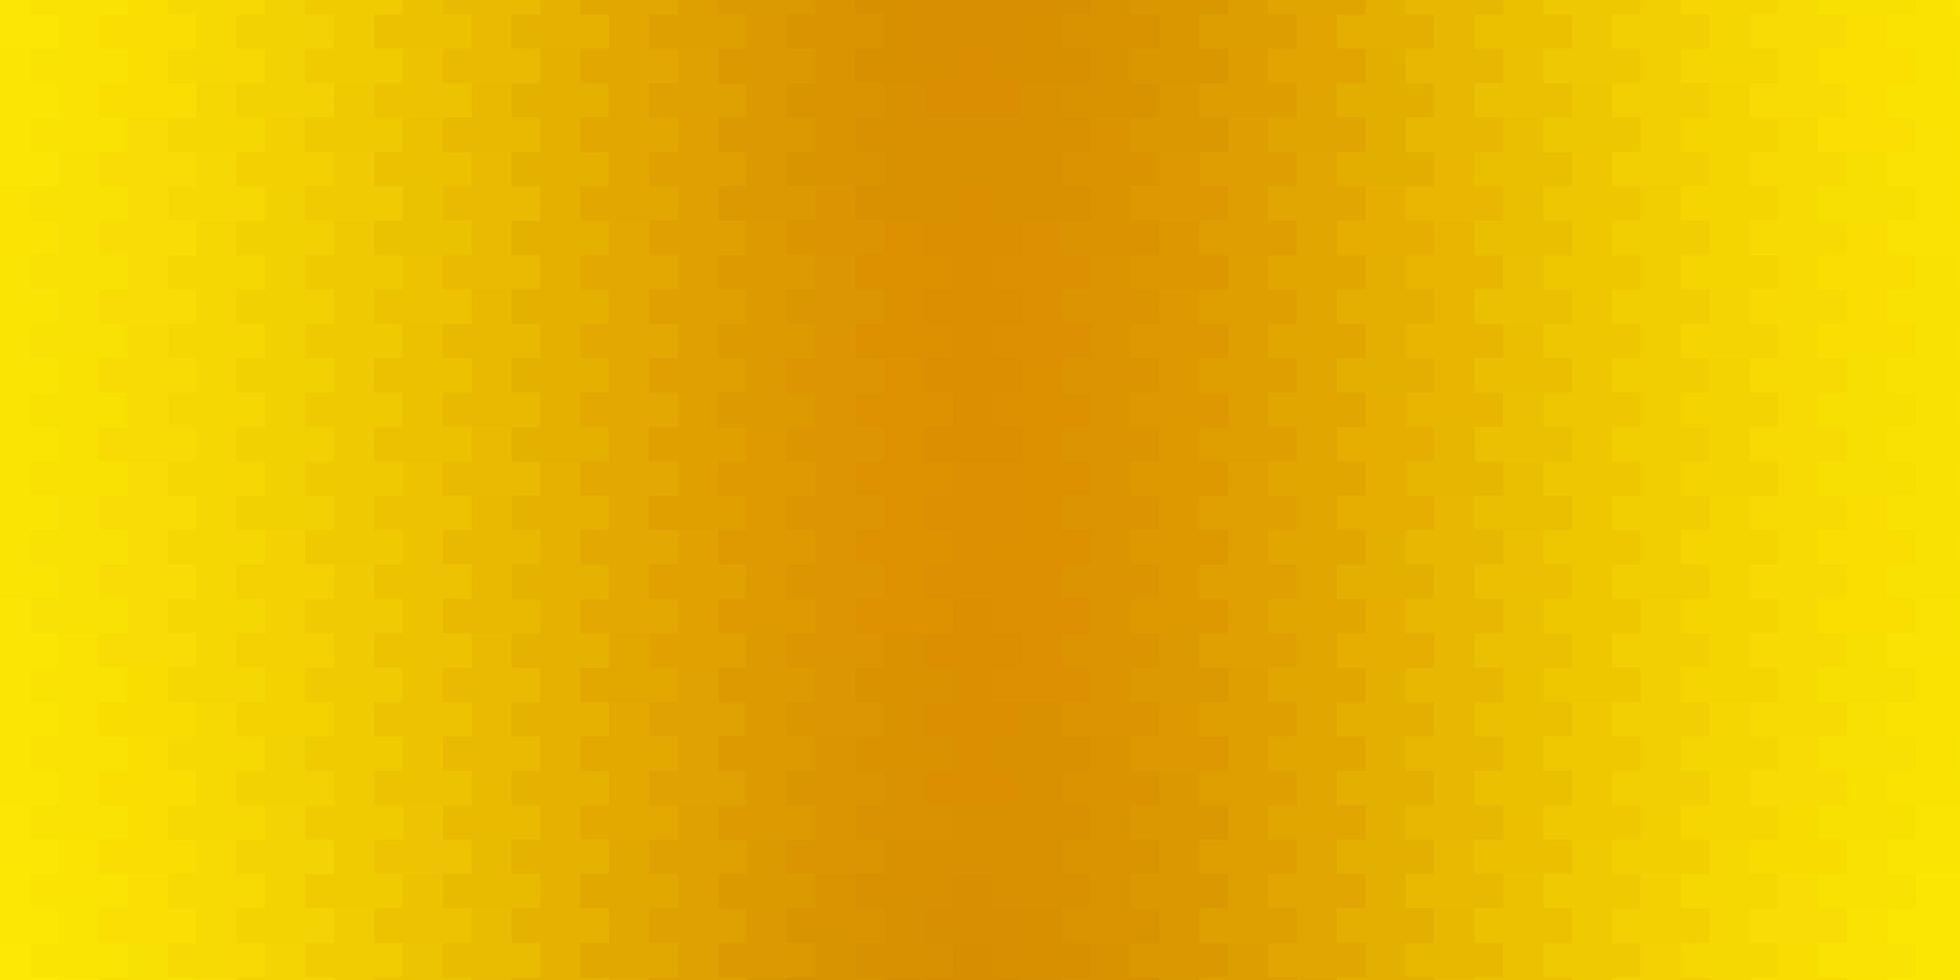 texture vecteur jaune foncé dans un style rectangulaire.